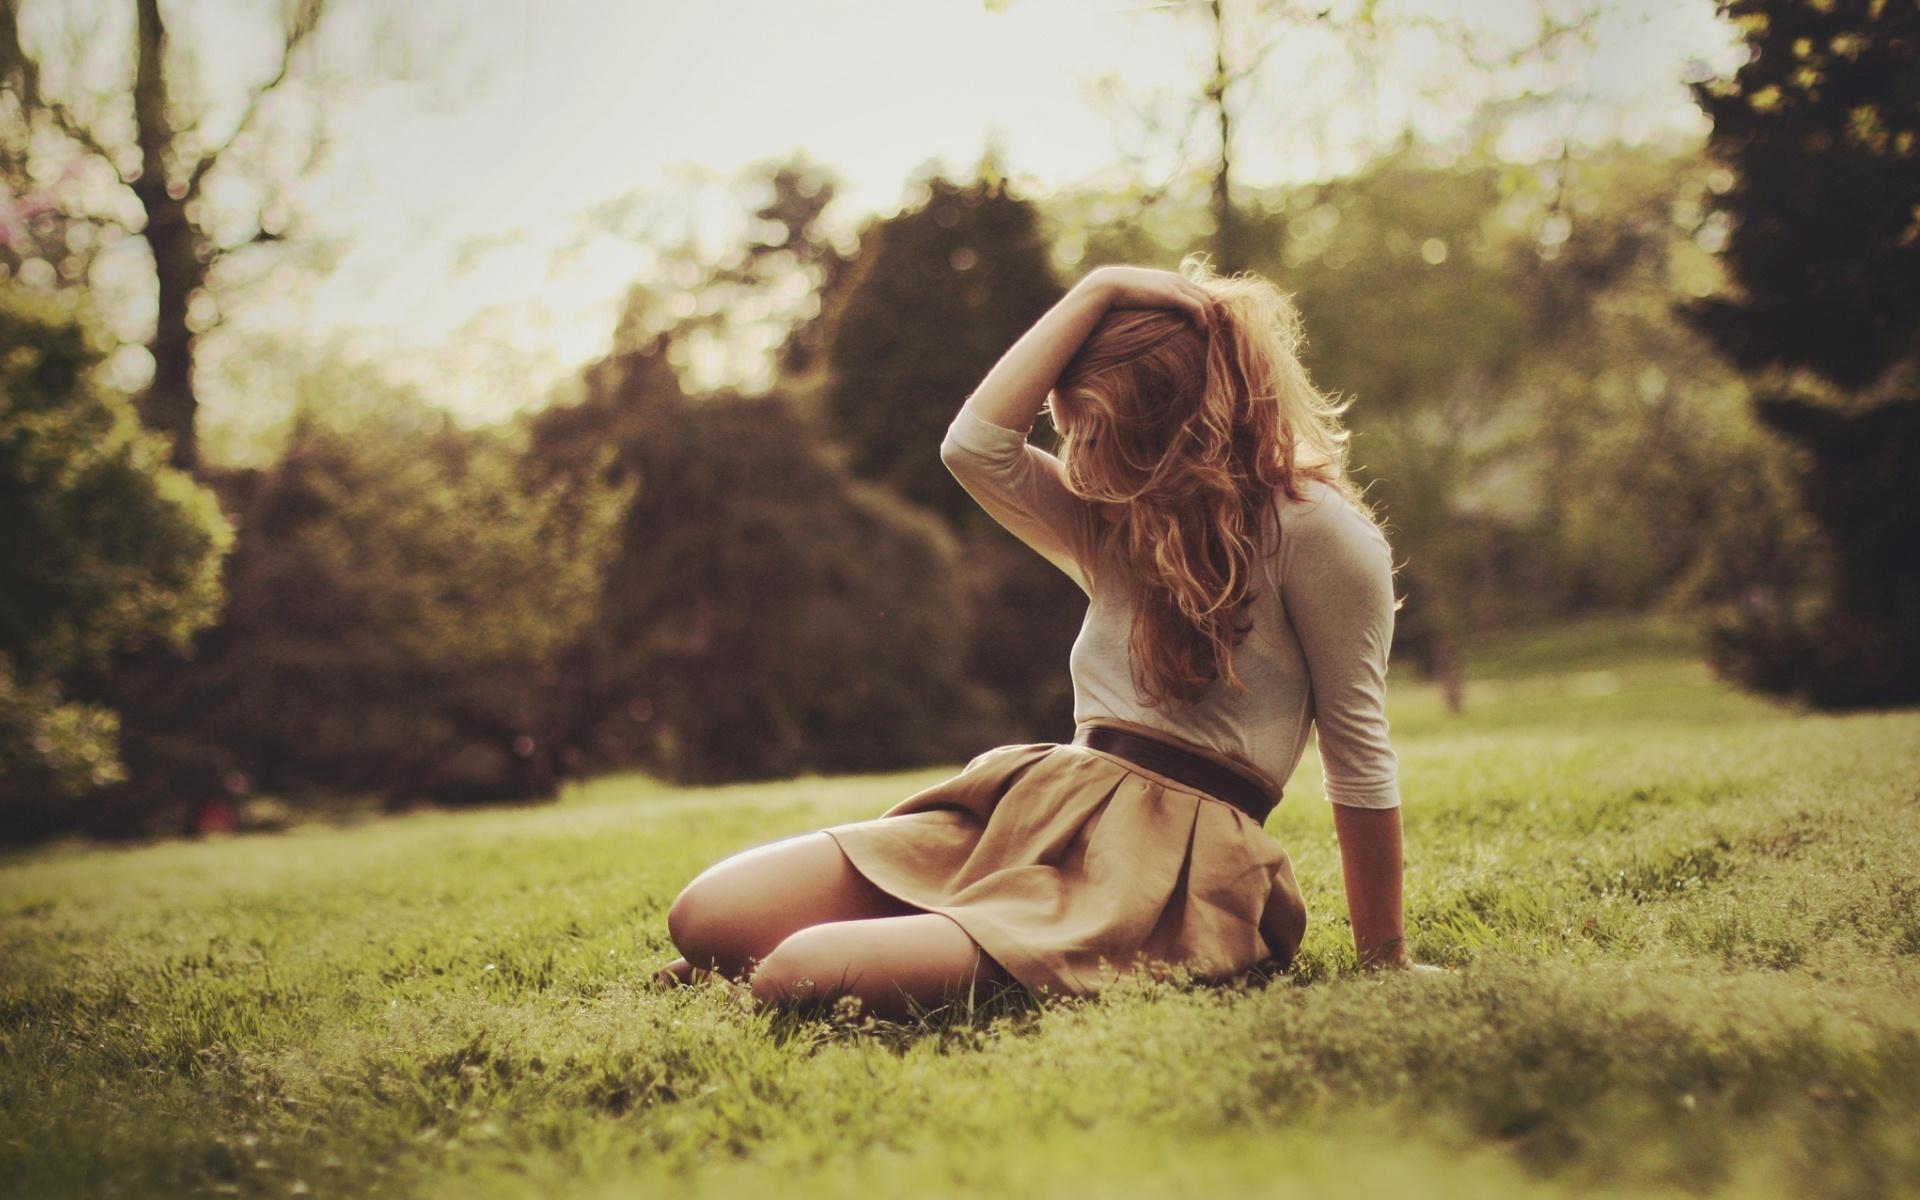 мечтательная девушка у столба без смс